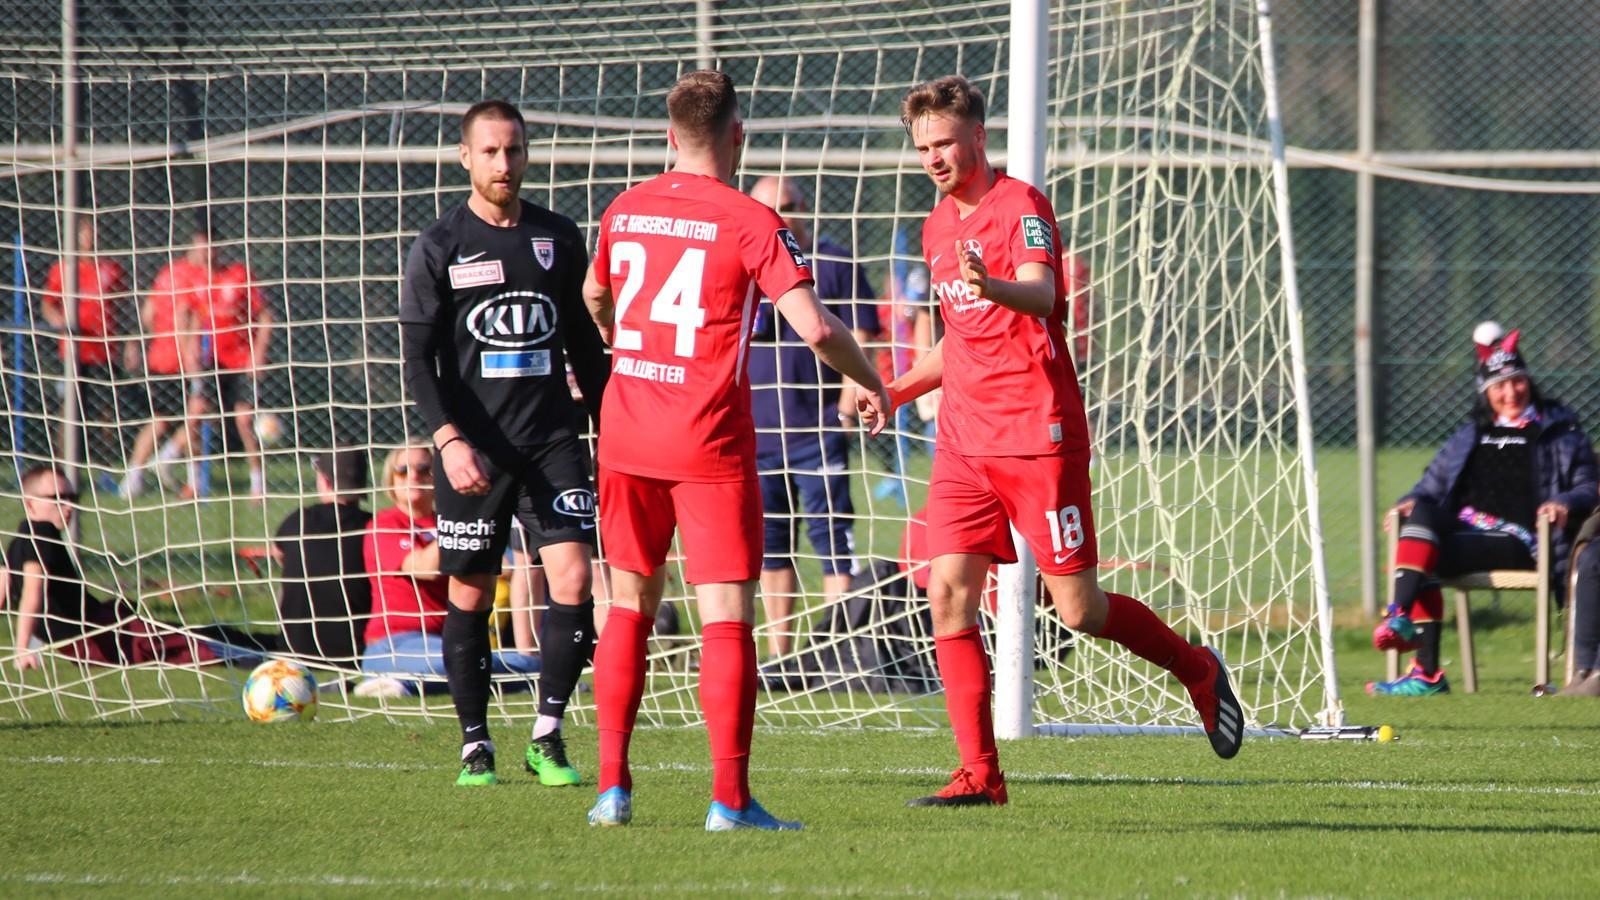 Bemutatjuk pénteki ellenfelünket: Amit az 1. FC Kaiserslauternről tudni kell